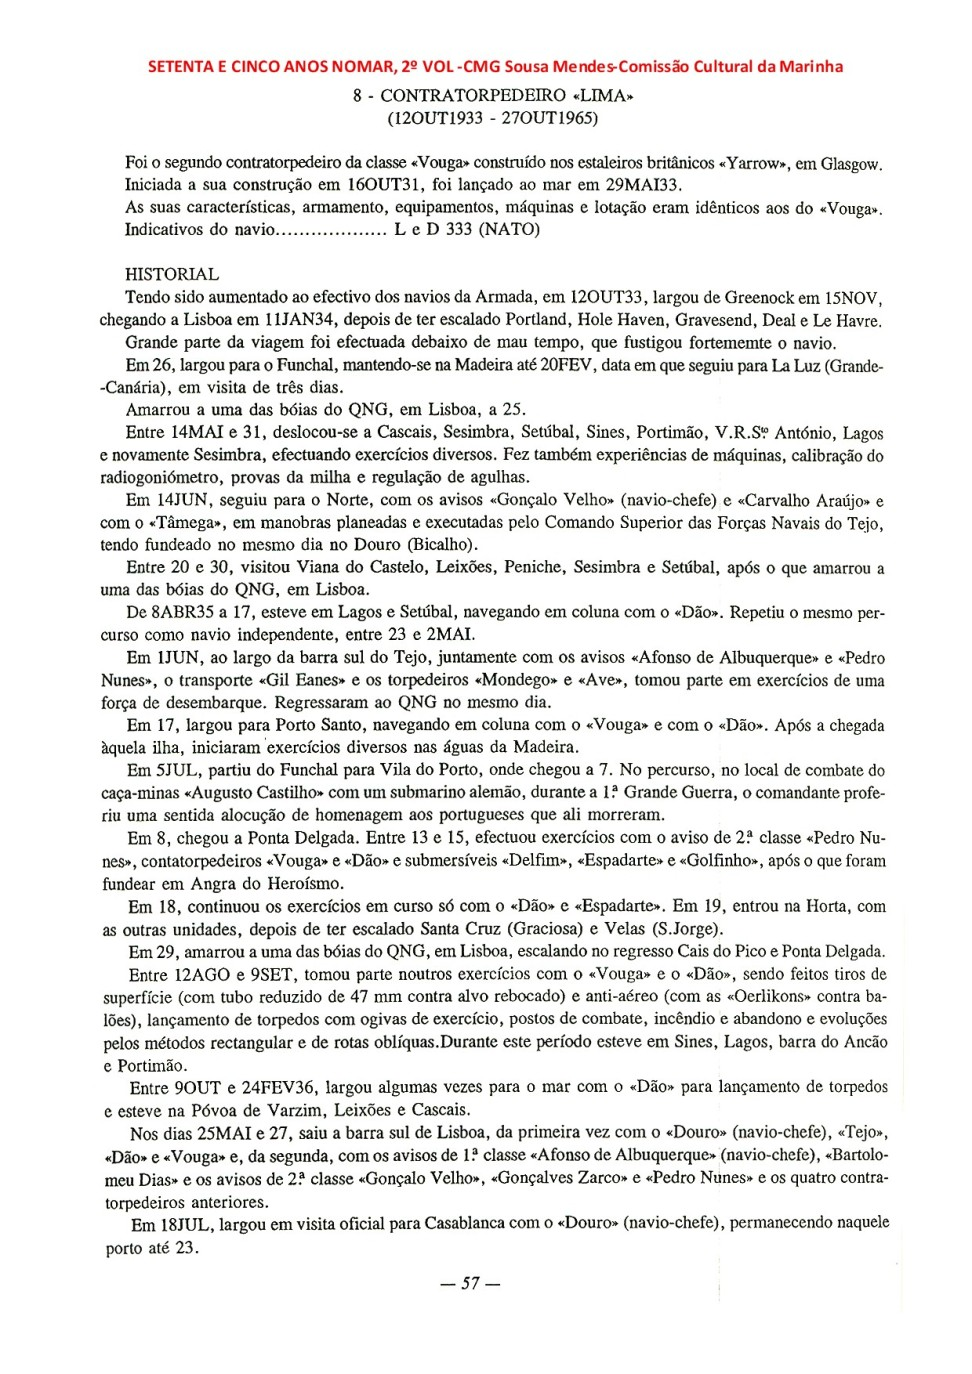 00180 Comissões do CT LIMA -Setenta e Cinco Anos no Mar, Vol 2º